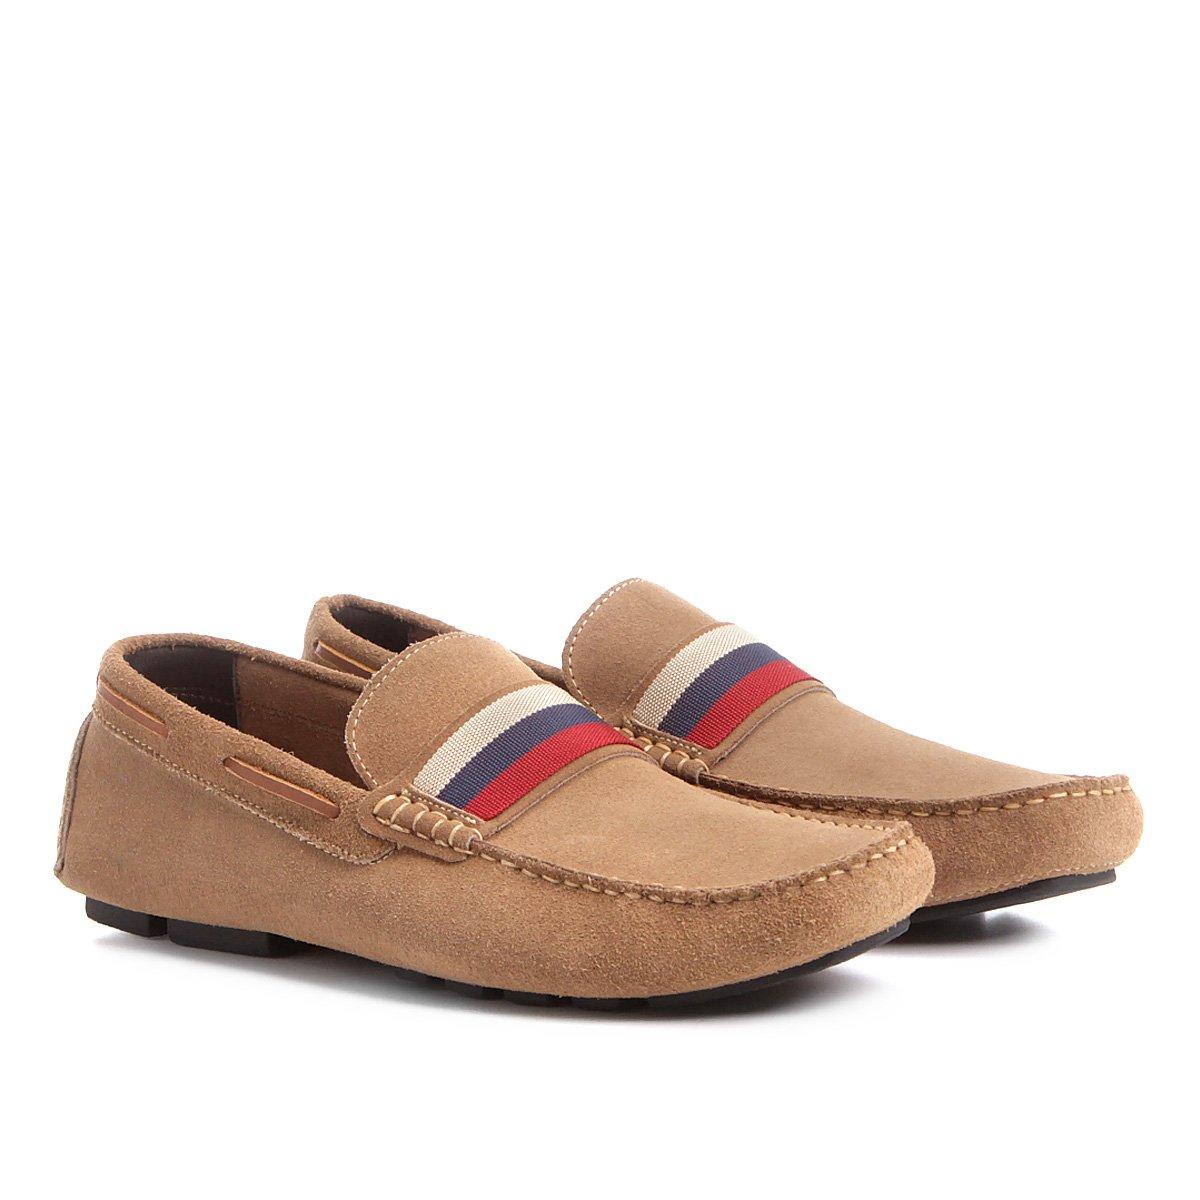 8a1ddbffc0 Mocassim Couro Shoestock Gorgurão Tricolor Masculino